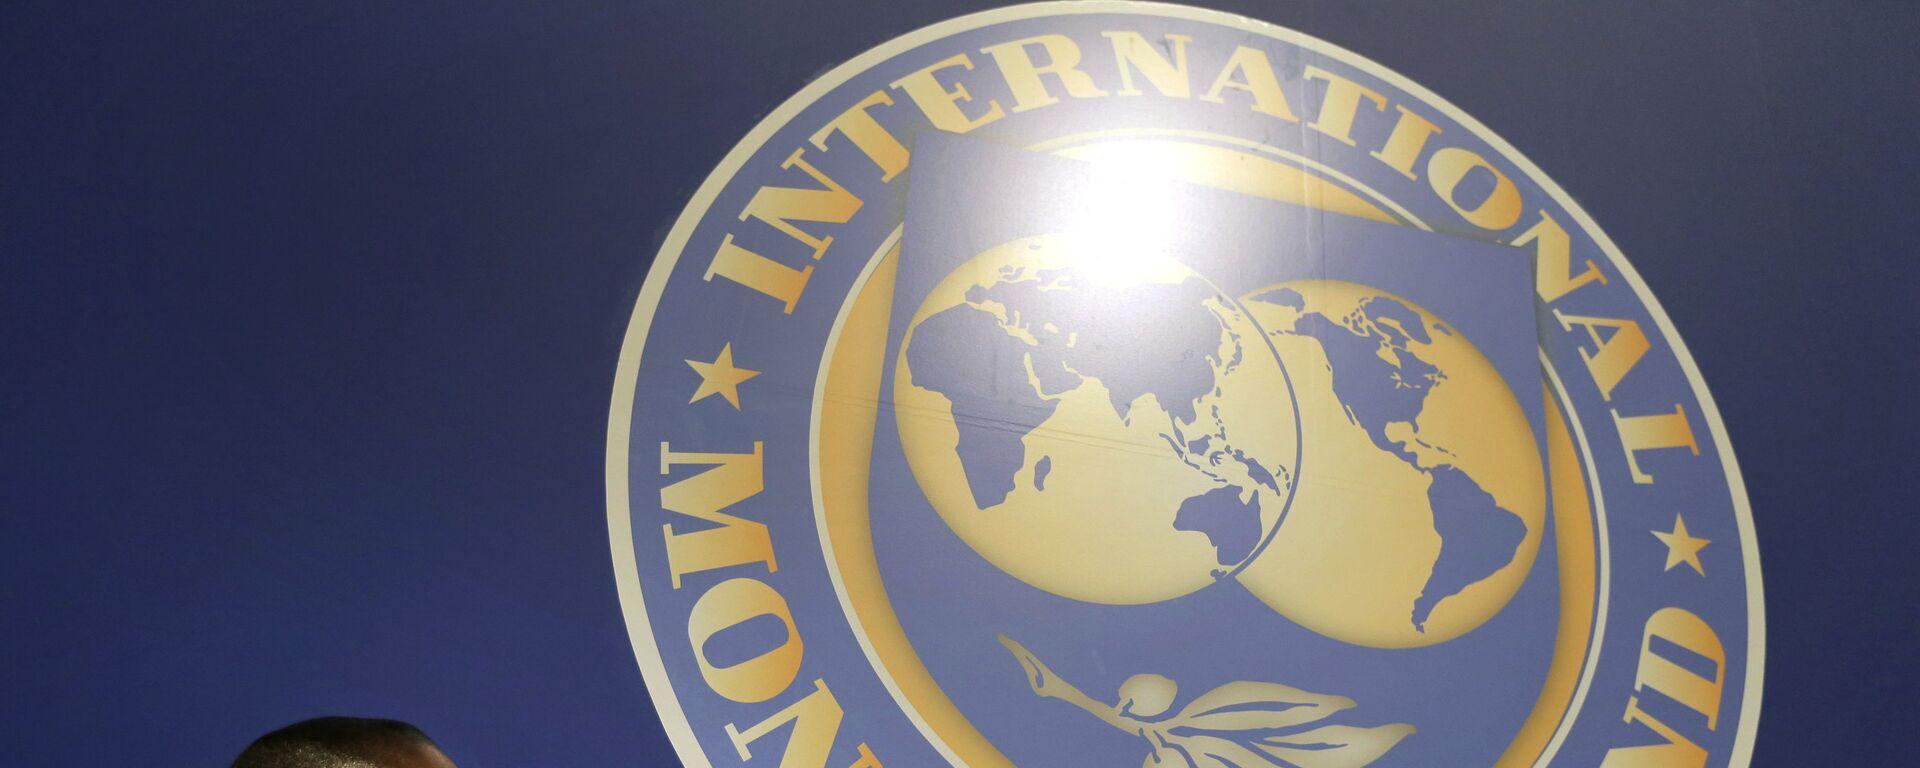 El logo del Fondo Monetario Internacional (FMI) - Sputnik Mundo, 1920, 03.08.2021